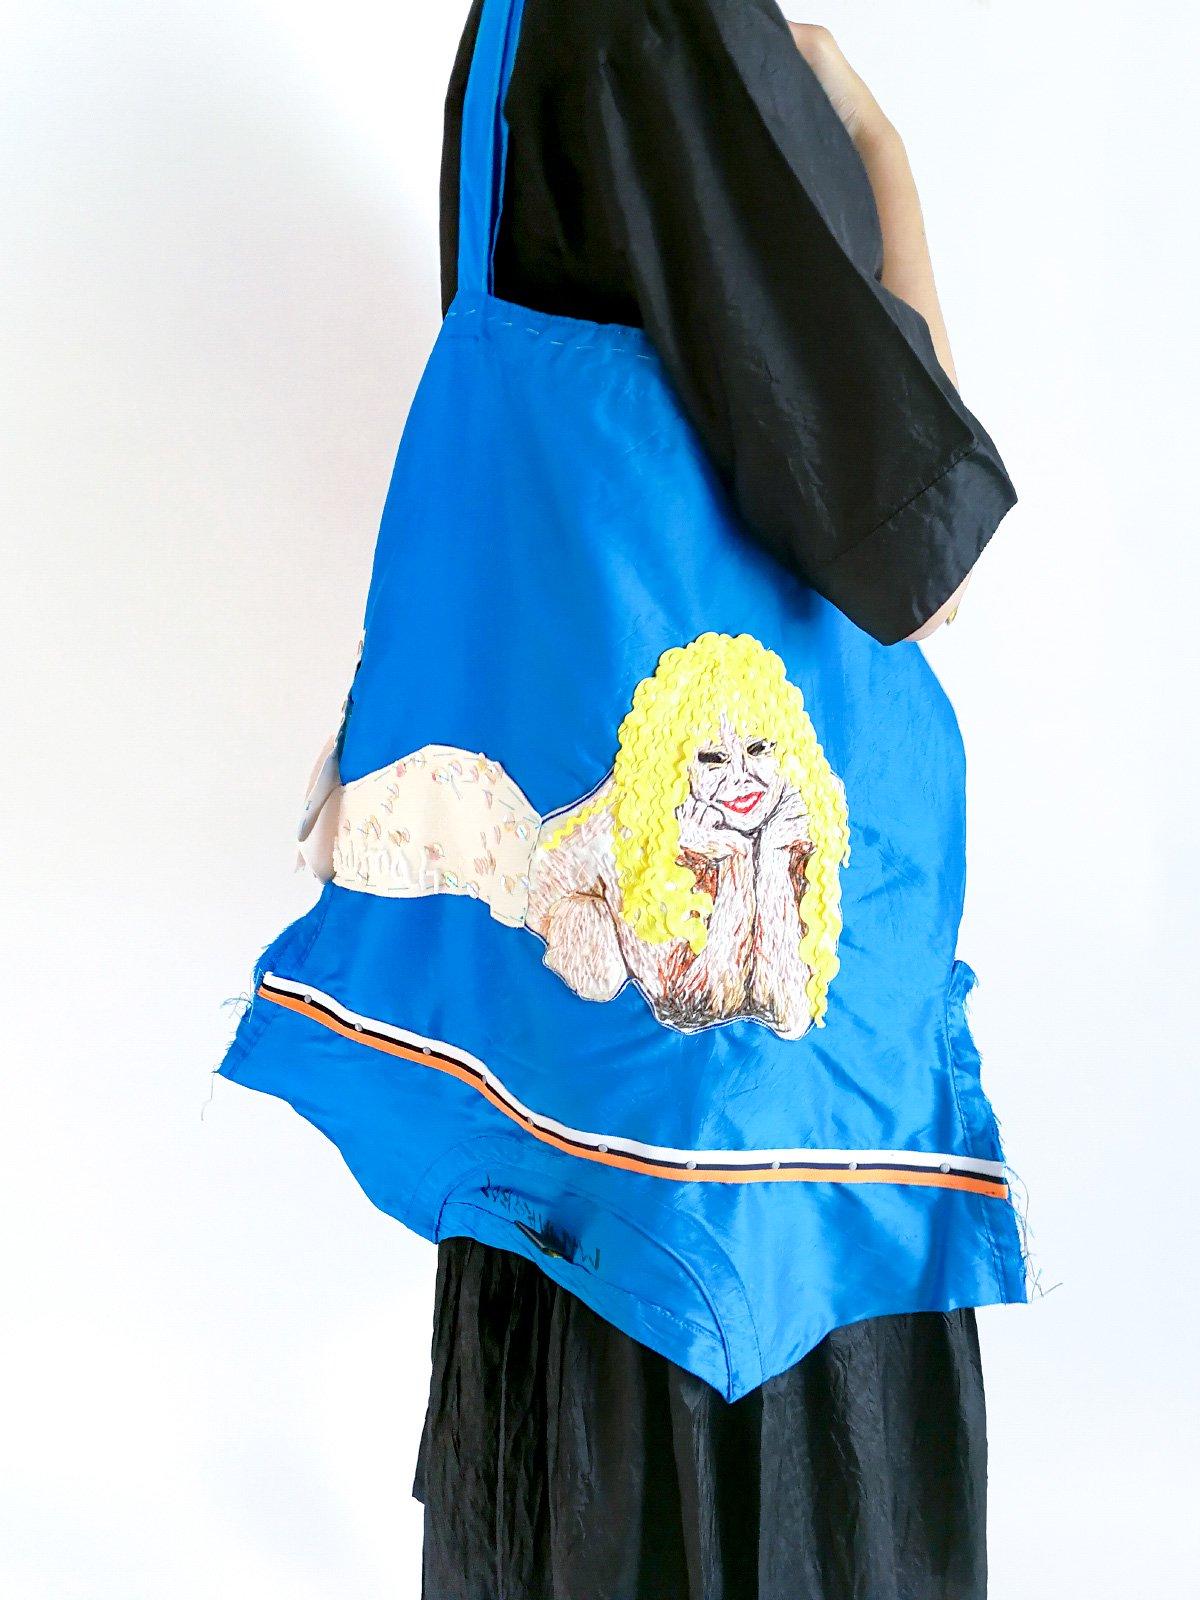 ari×mamarobot / Tote Bag